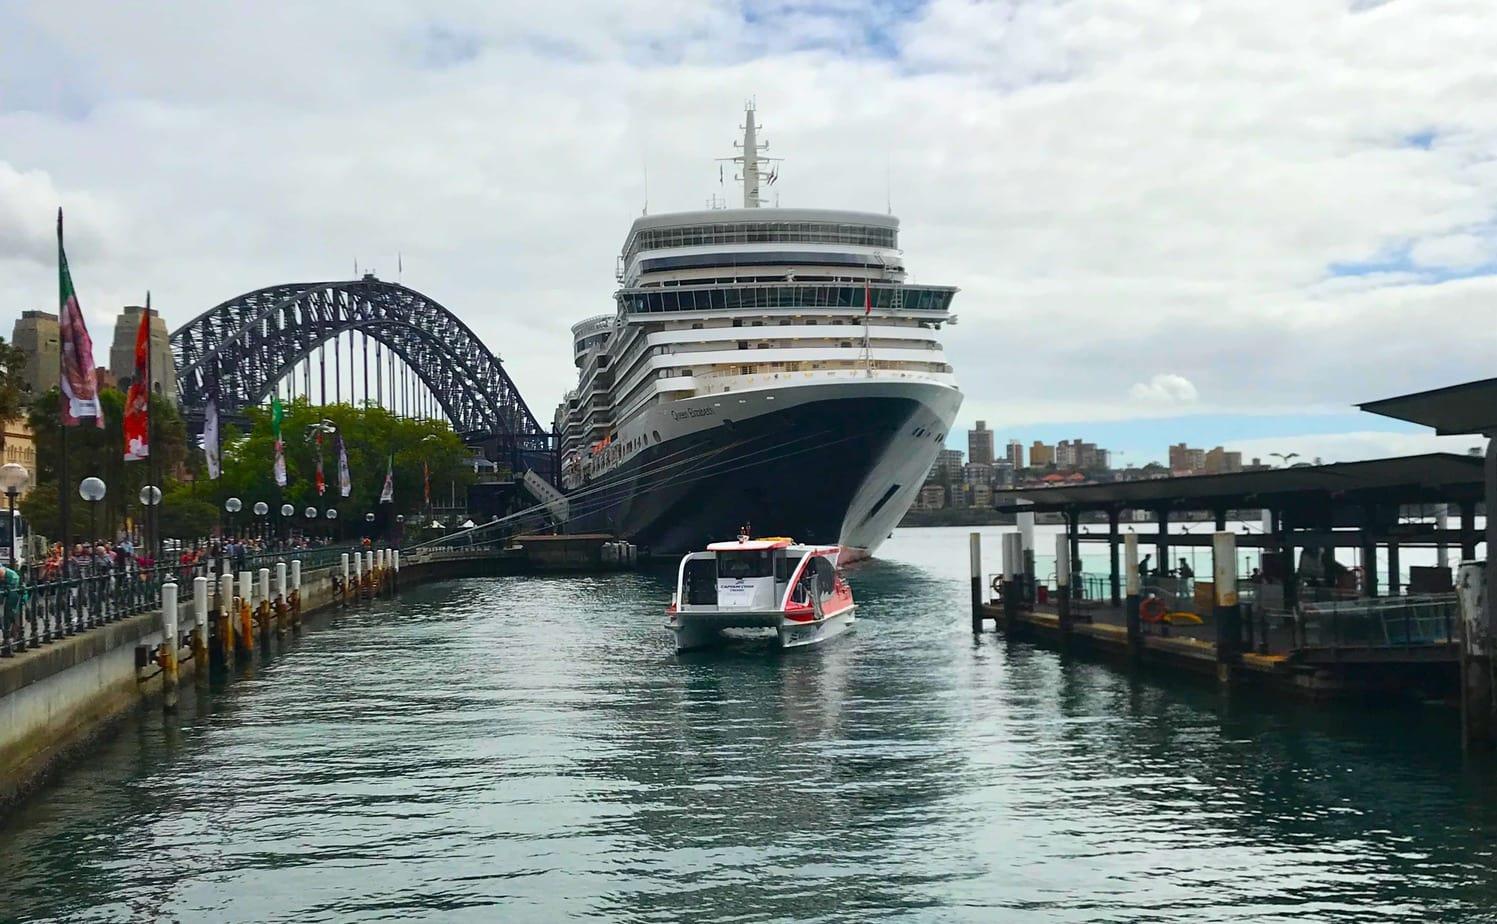 Αποτέλεσμα εικόνας για Cunard passengers can extend their visits in popular ports